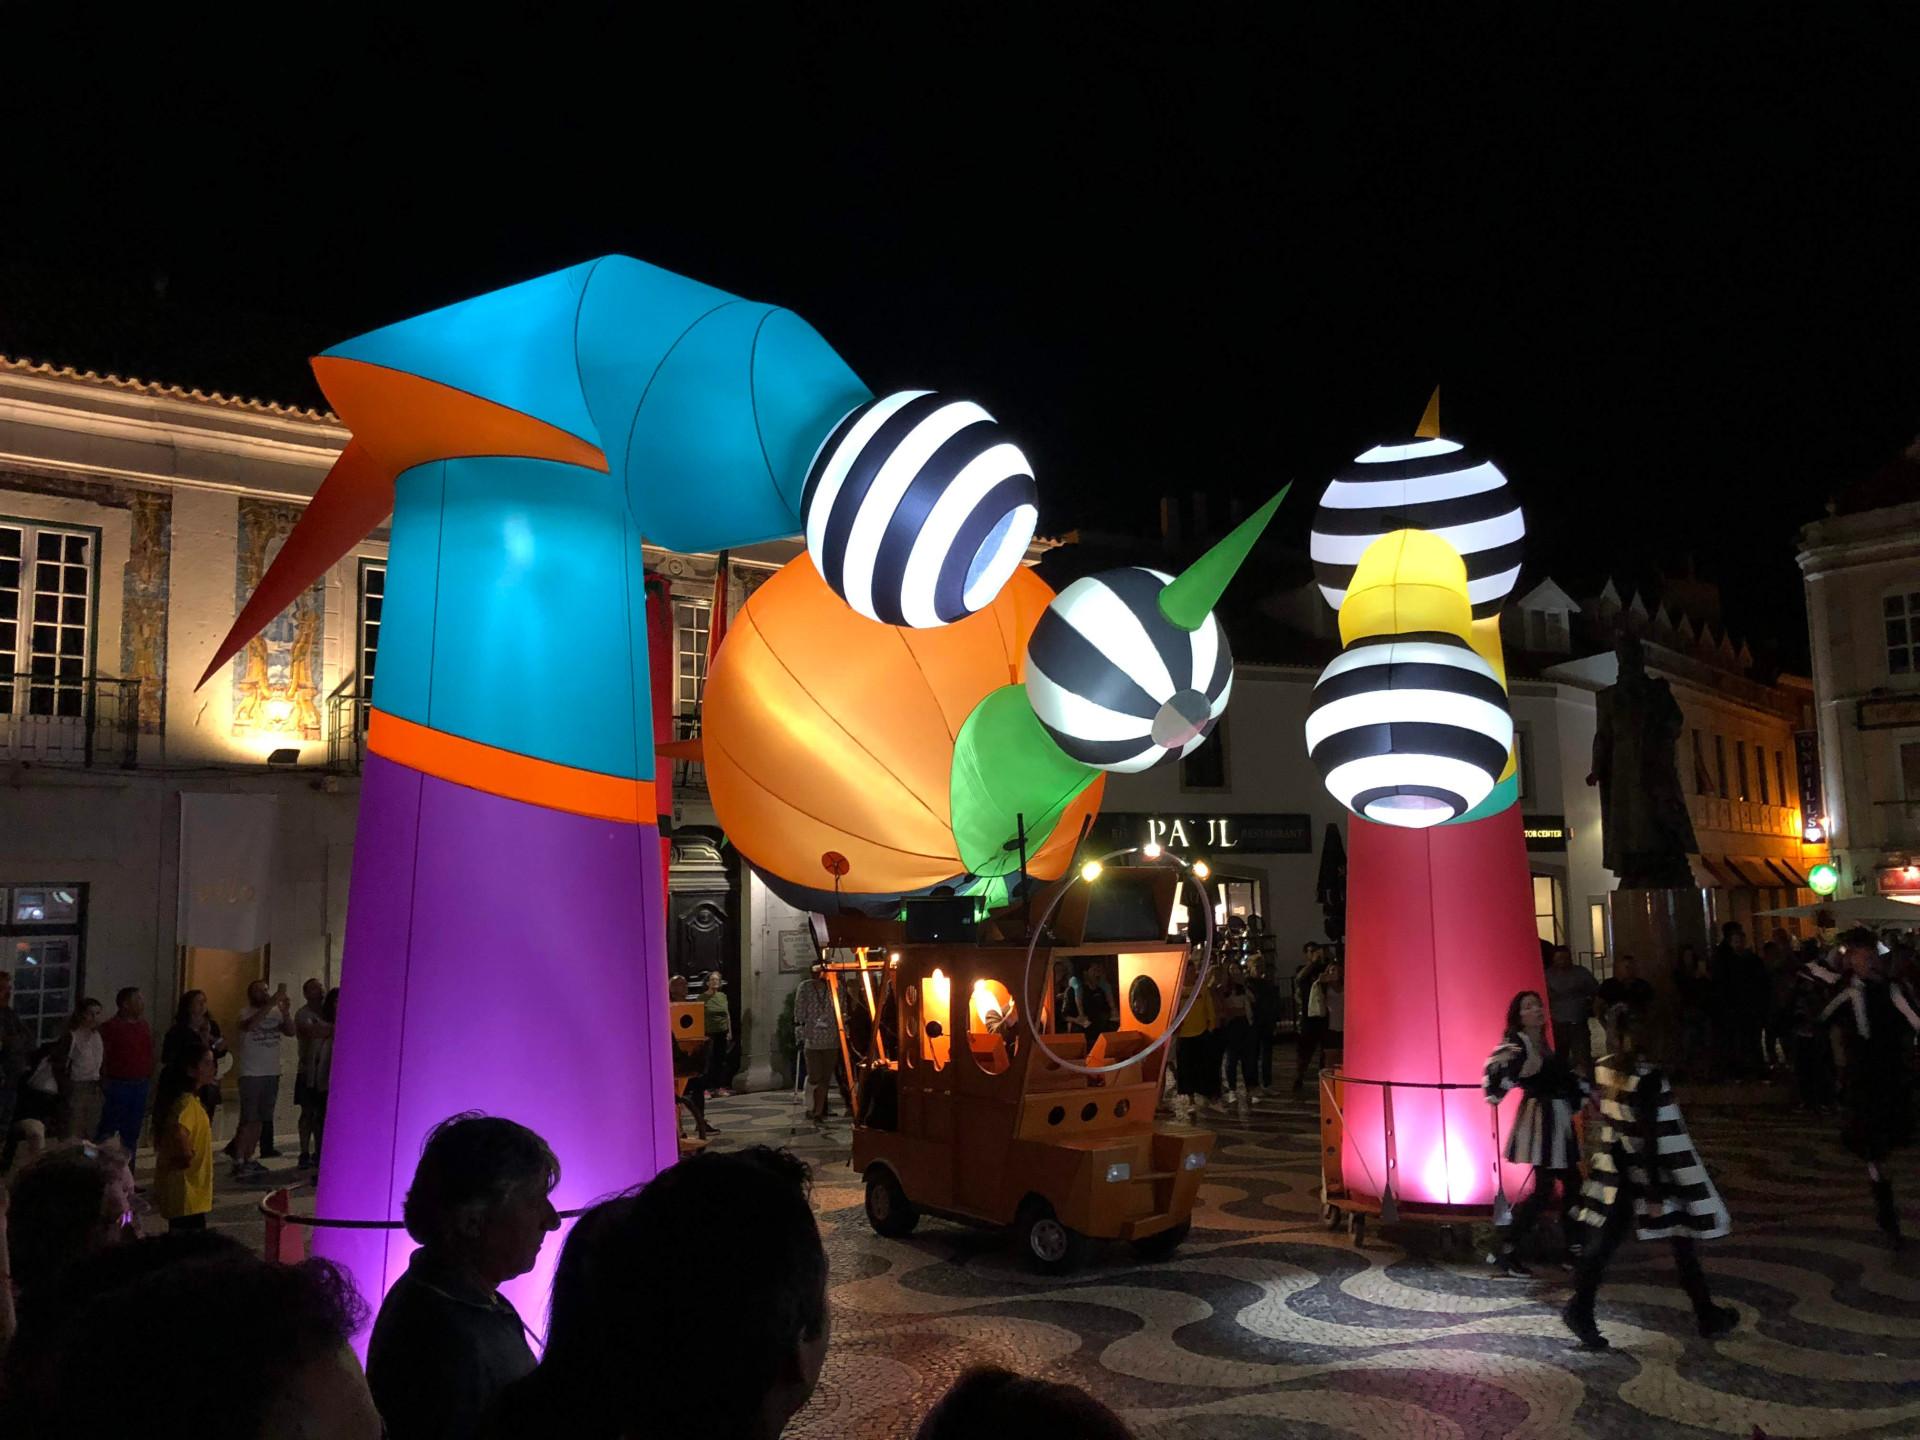 Descubra e deslumbre-se com os mais brilhantes festivais de luz na Europa